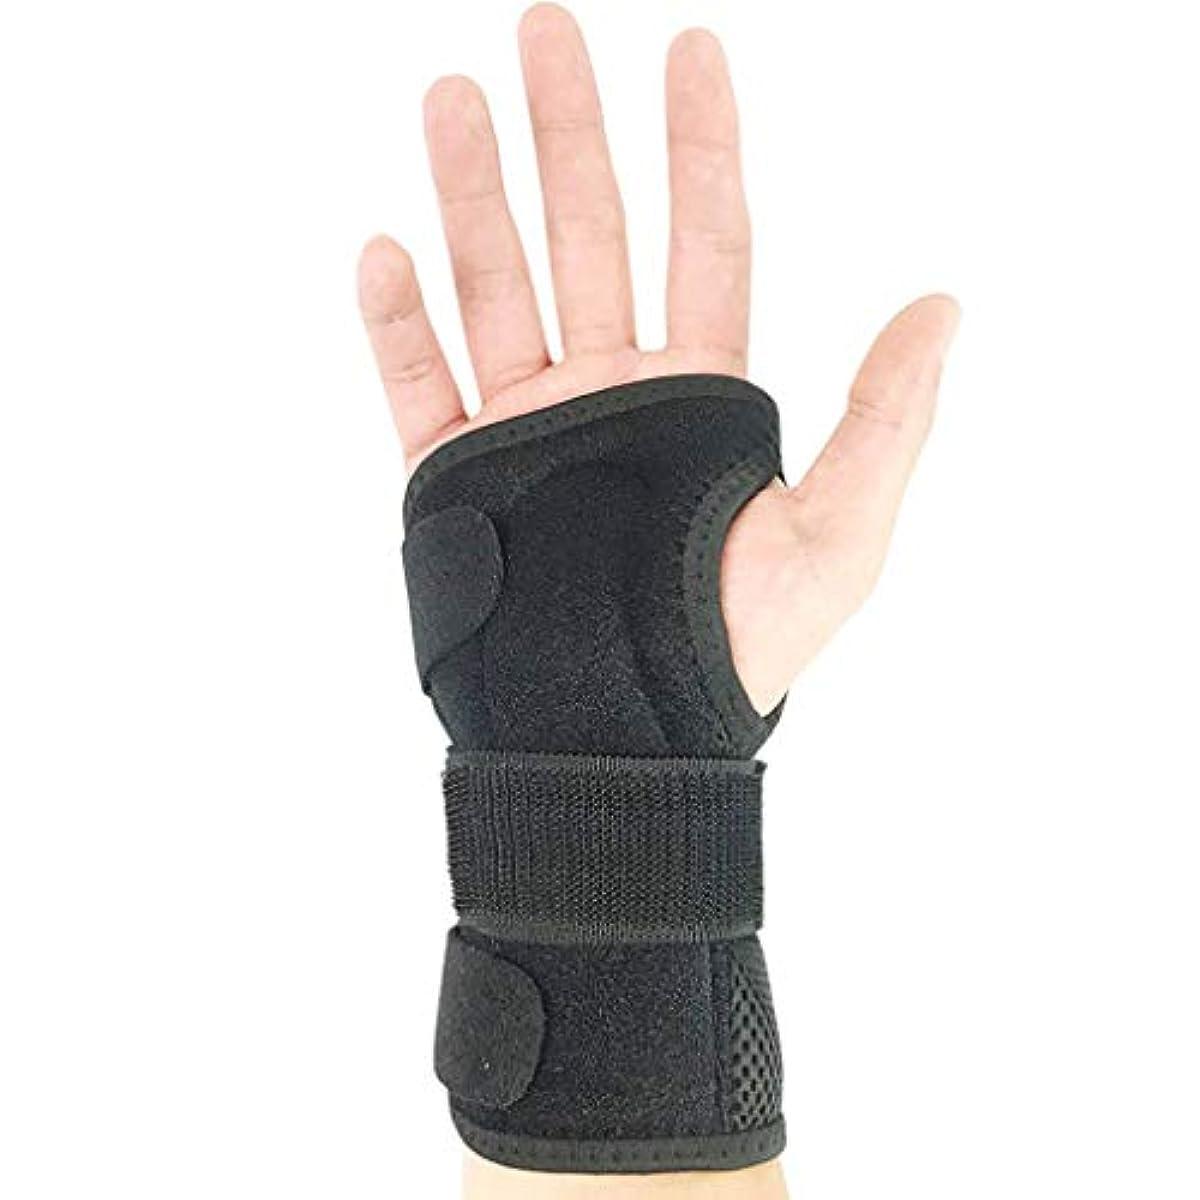 キリンヶ月目選択手首骨折固定副子 - 通気性フィットネス捻挫痛みプロテクター調節可能な左右の手首バンドユニセックス,Right,M